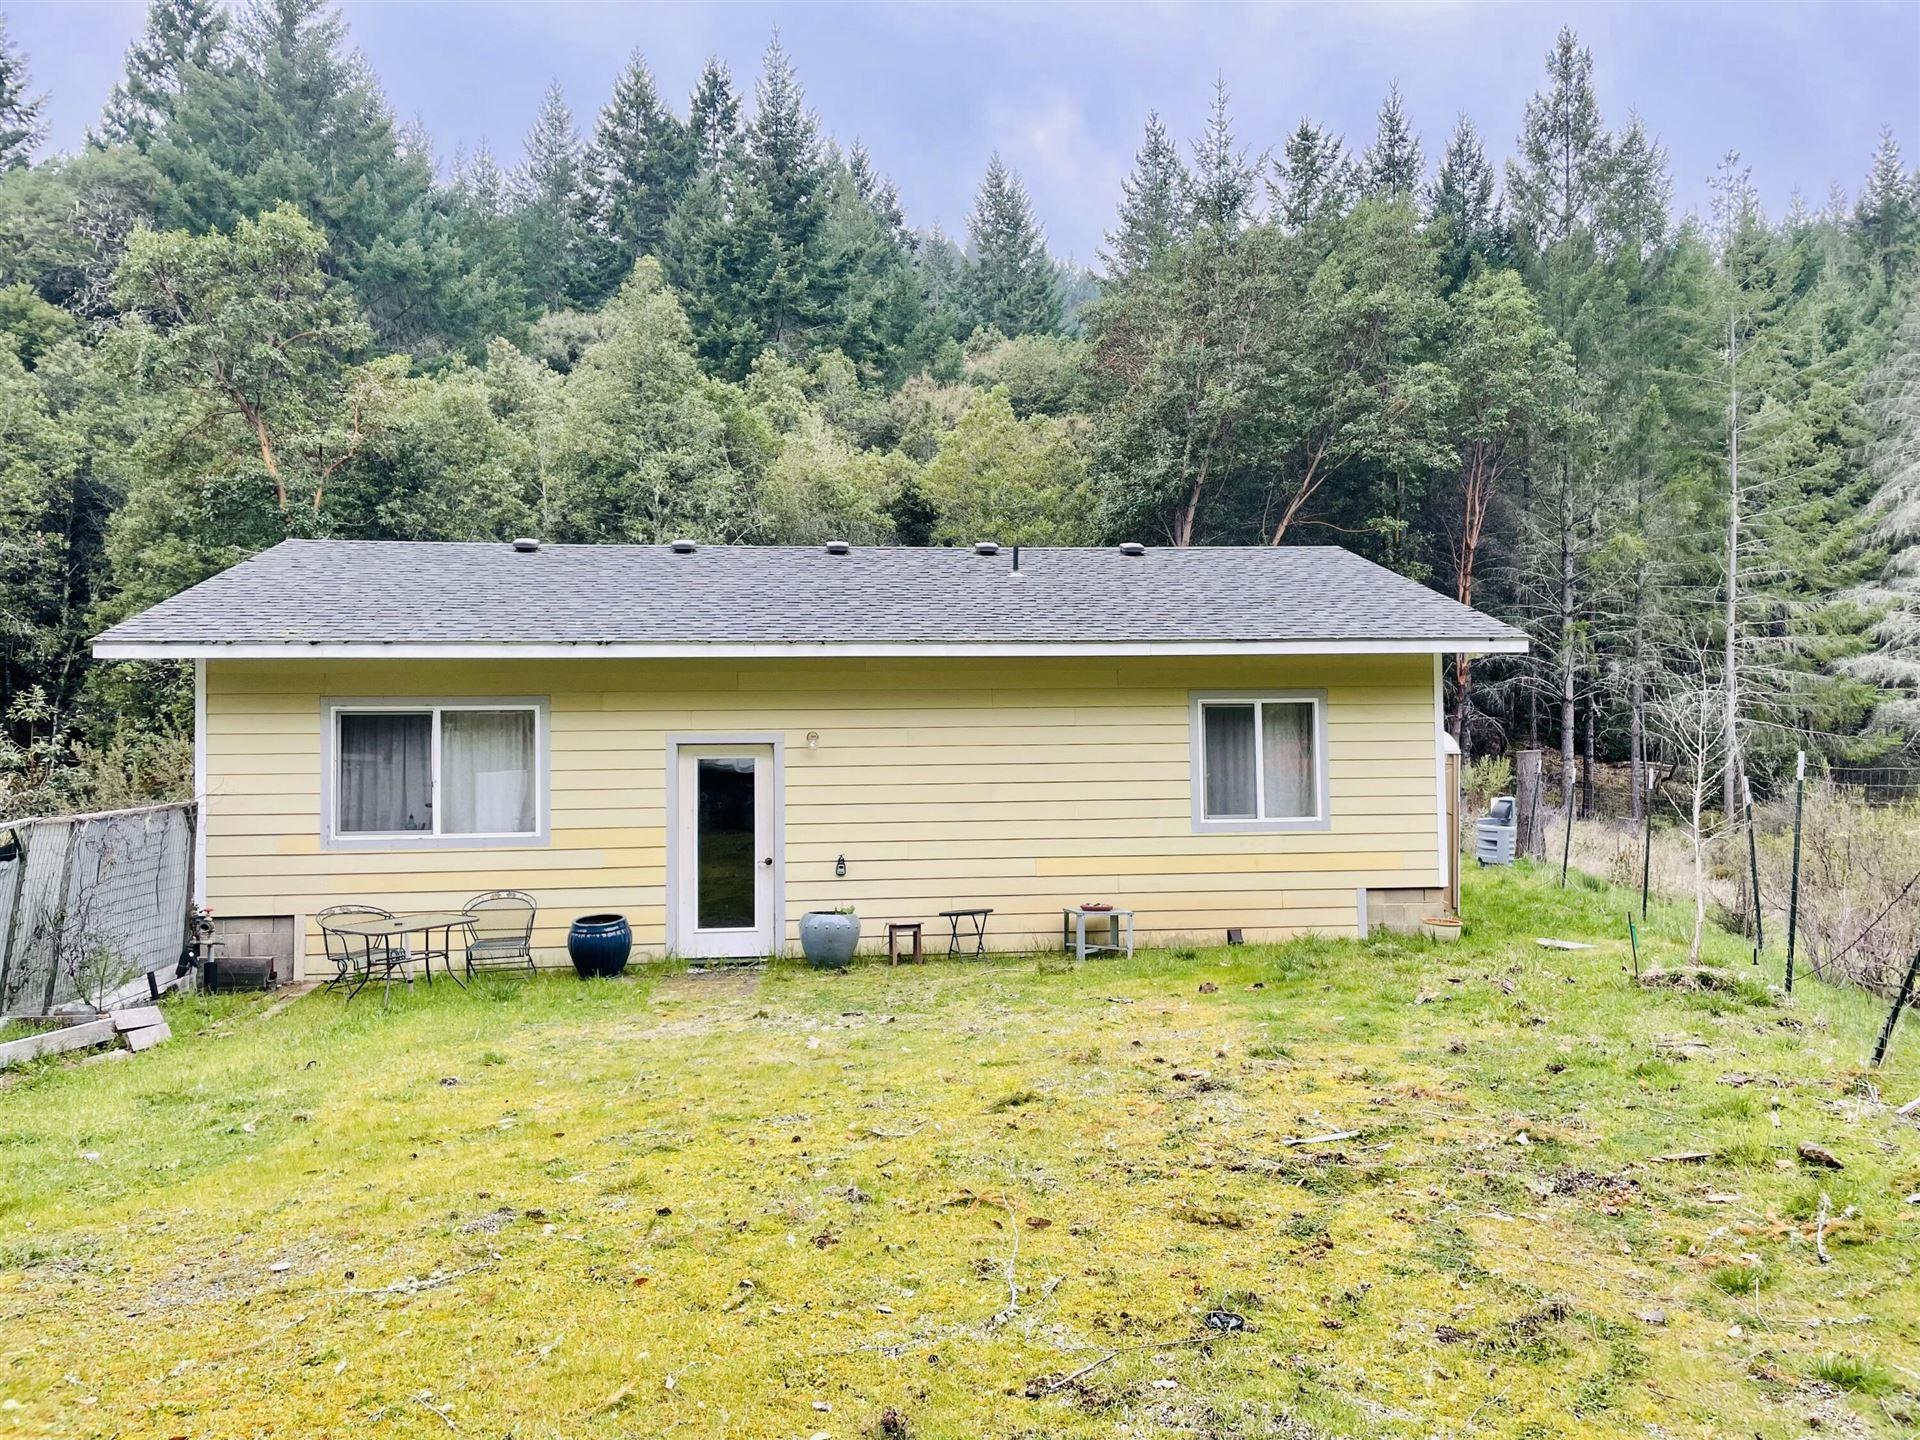 2800 Sawmill Road, Garberville, CA 95542 - MLS#: 260306